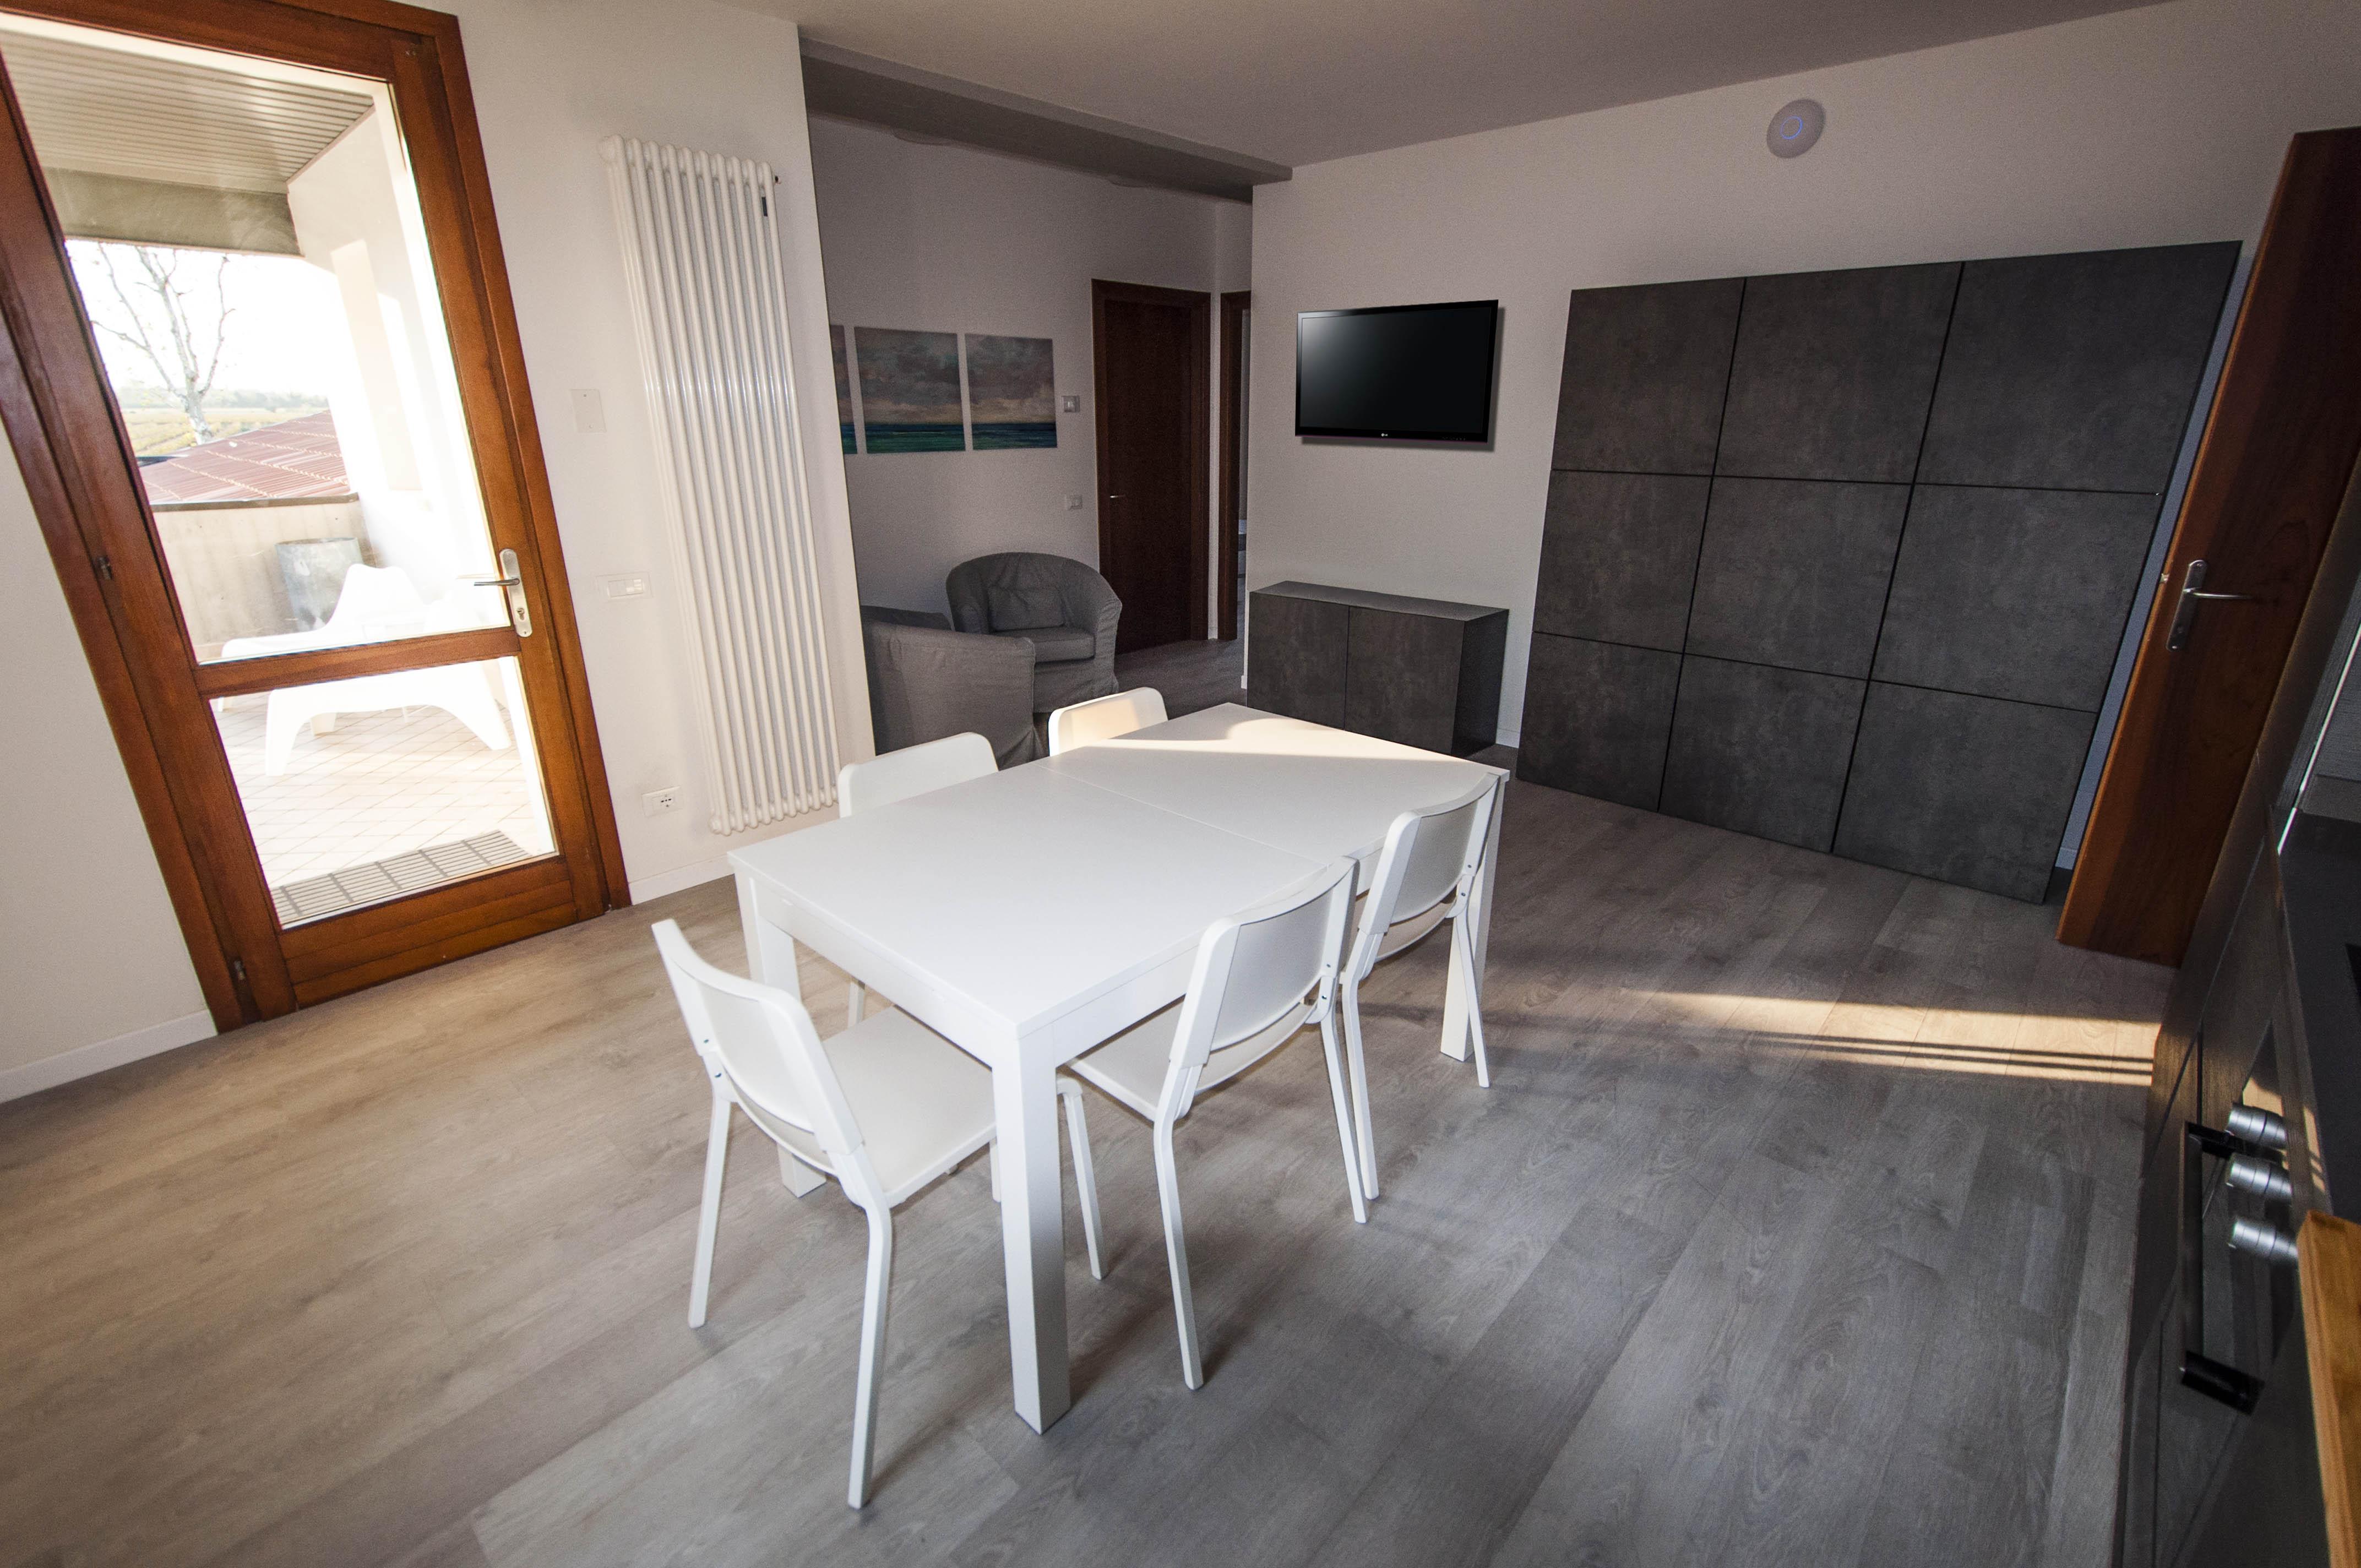 Camere-in-Affitto-Treviso-Villorba-Studio-Architettura-Zanatta-93